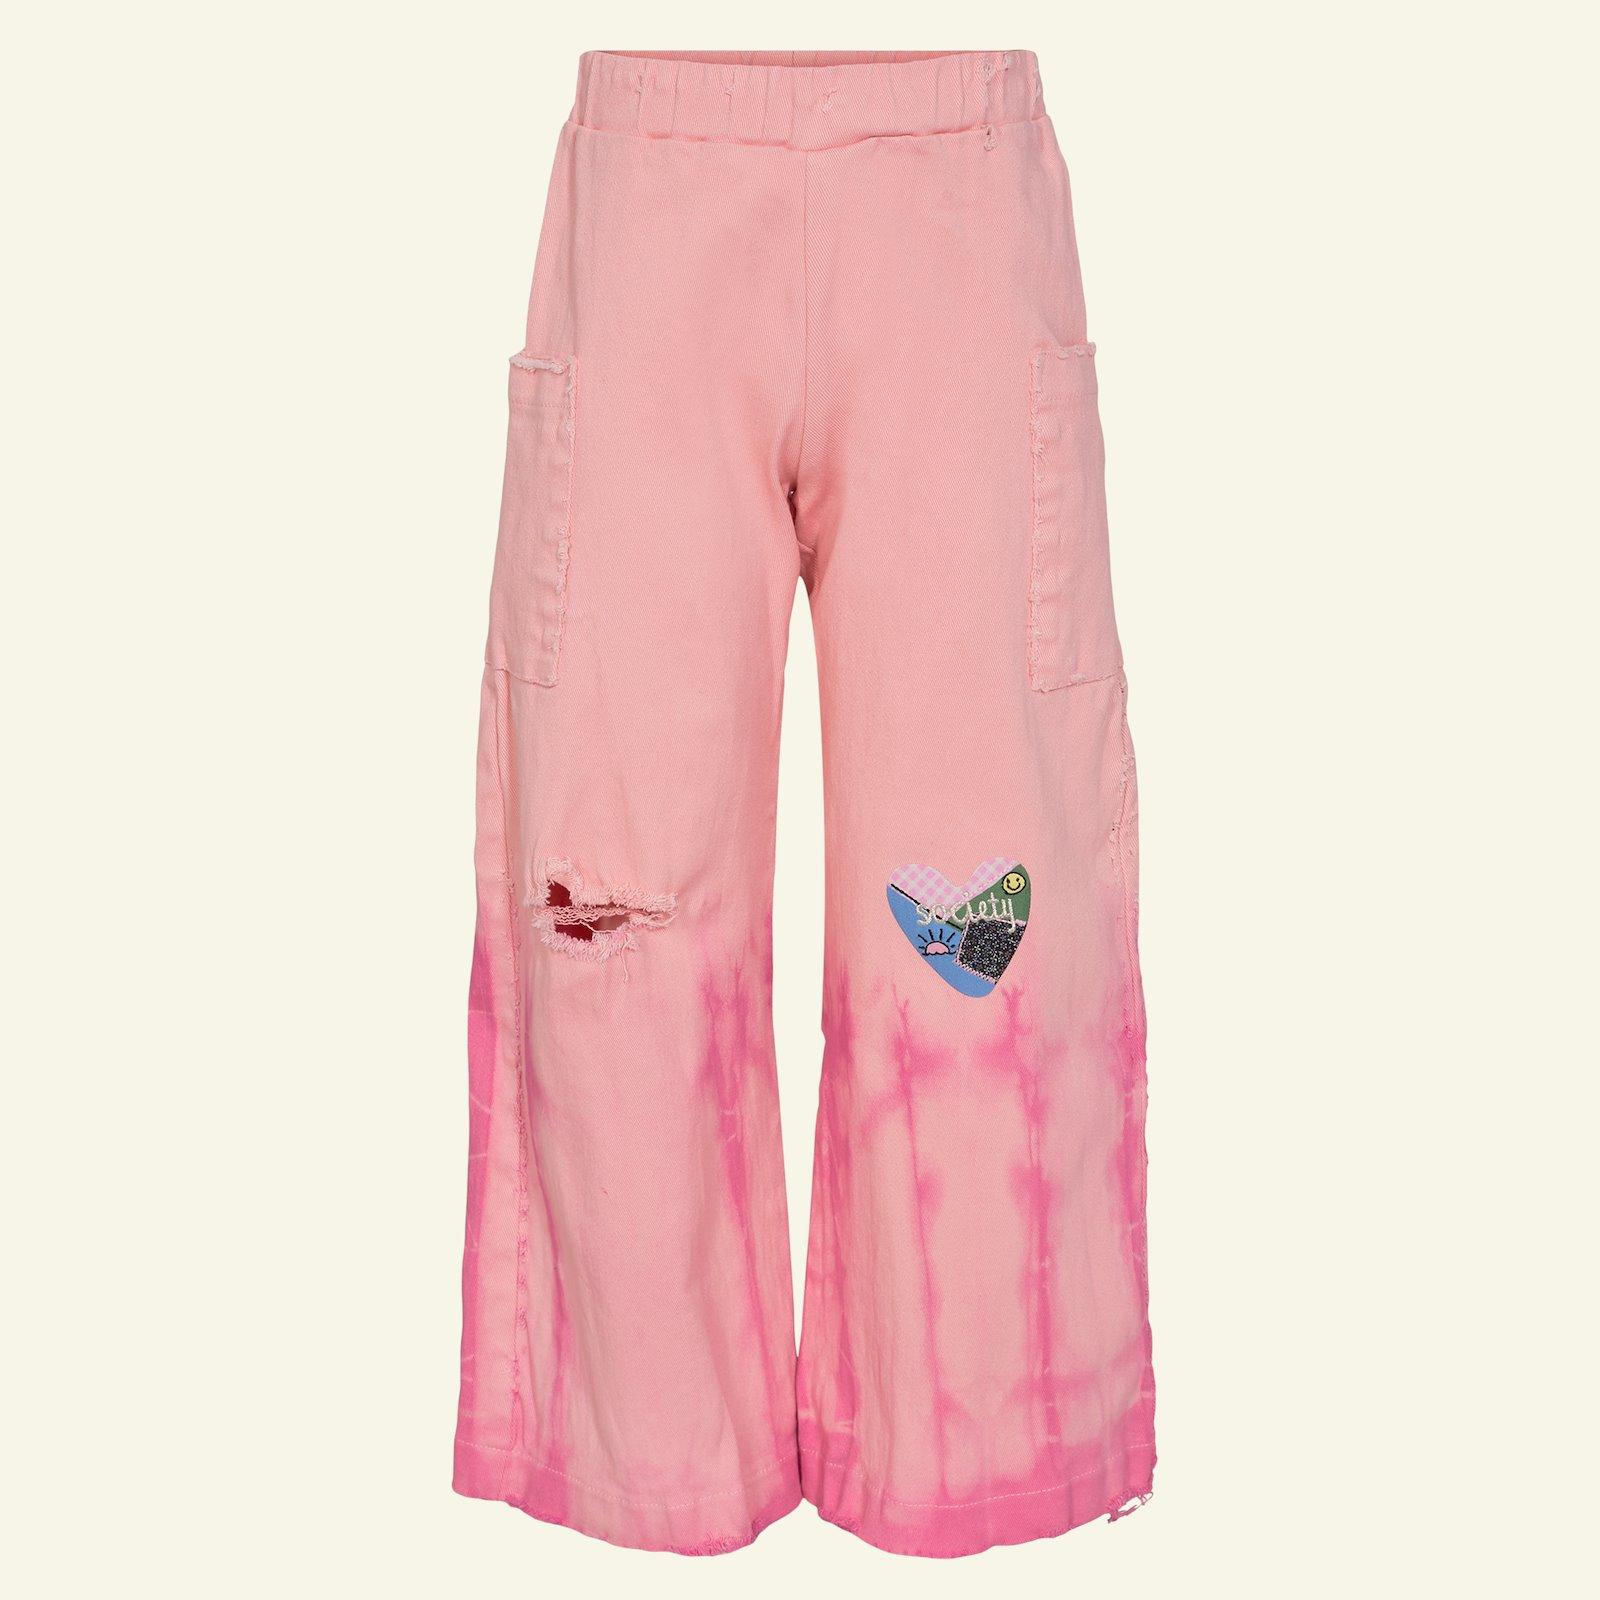 Denim w stretch dusty pink  9,5oz p60039_460856_26528_sskit